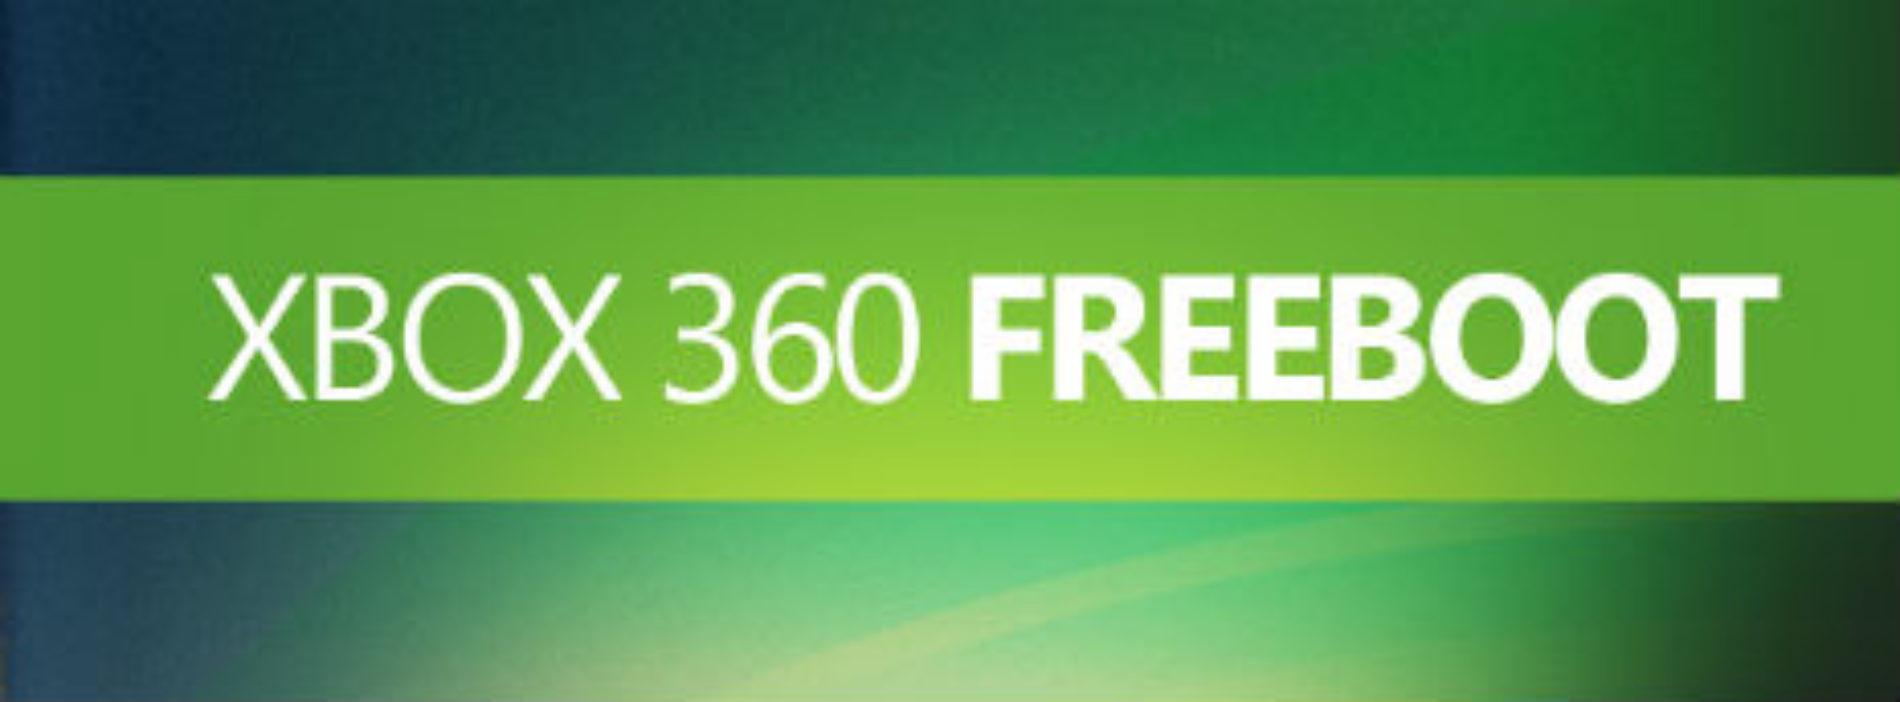 Ремонт игровых приставок ХBOX 360. Freeboot